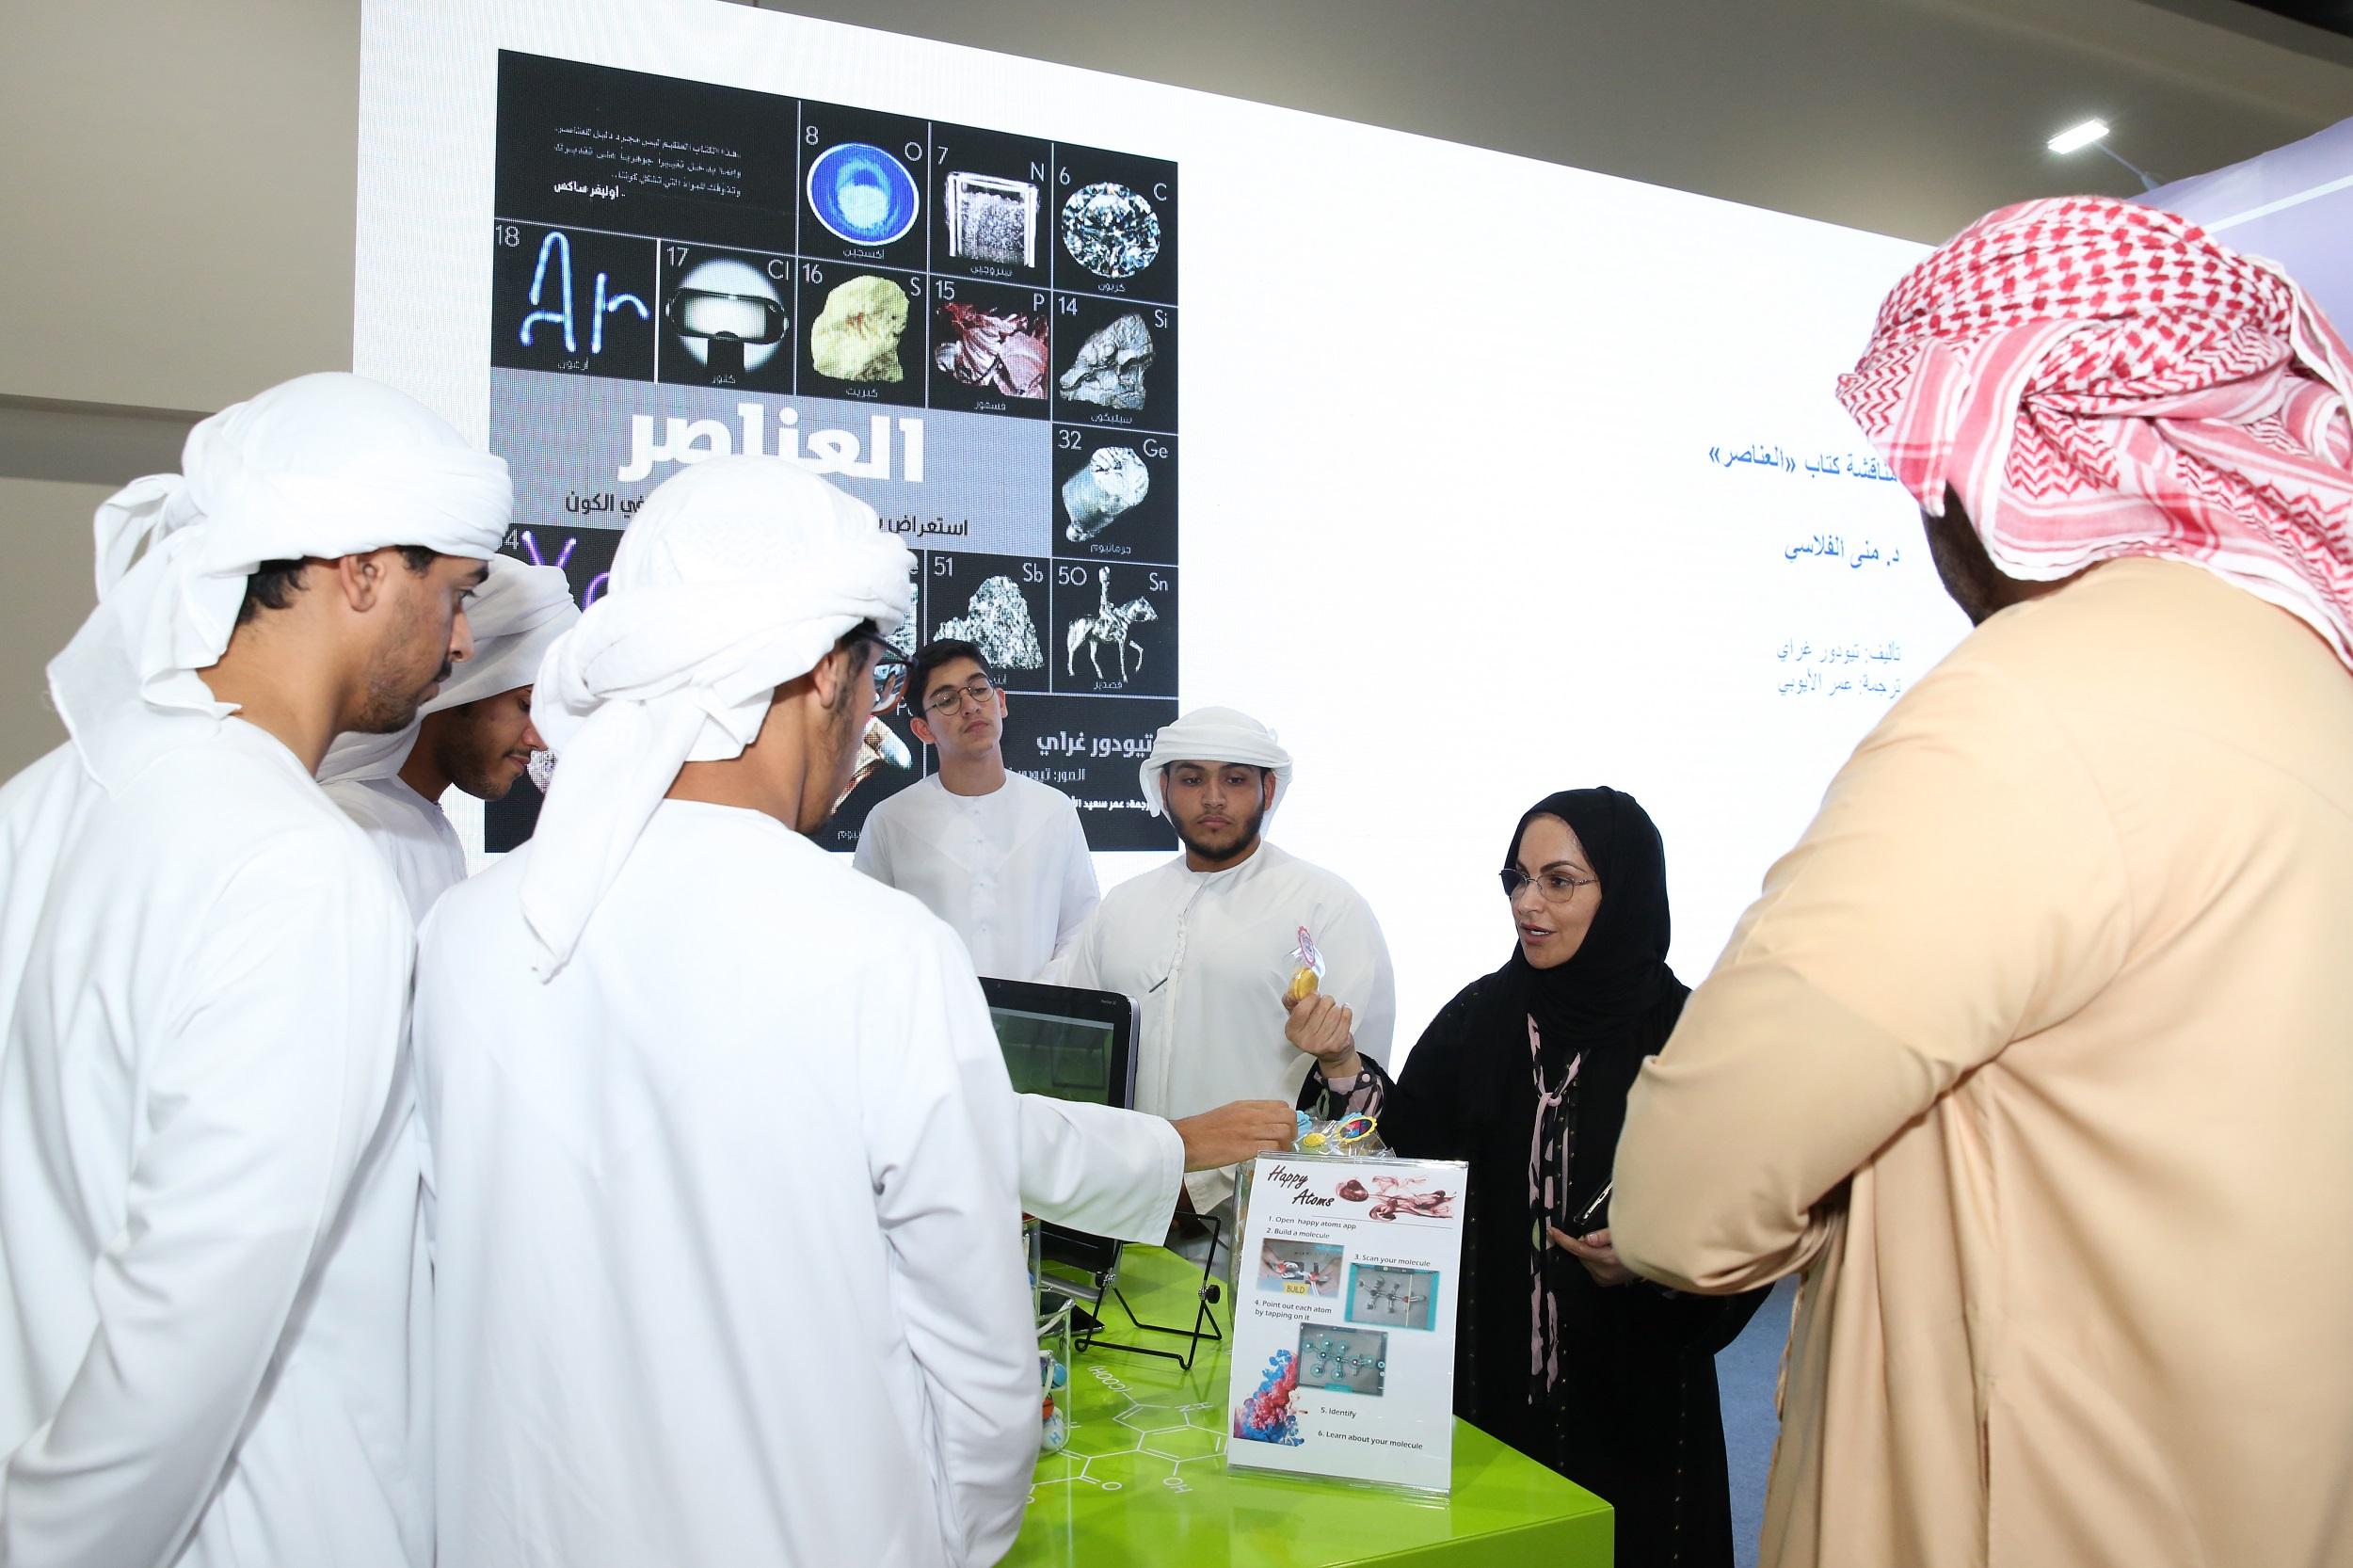 معرض العين للكتاب يسلّط الضوء على العلاقات الإماراتية السعودية ويناقش الرواية والترجمة  (1)